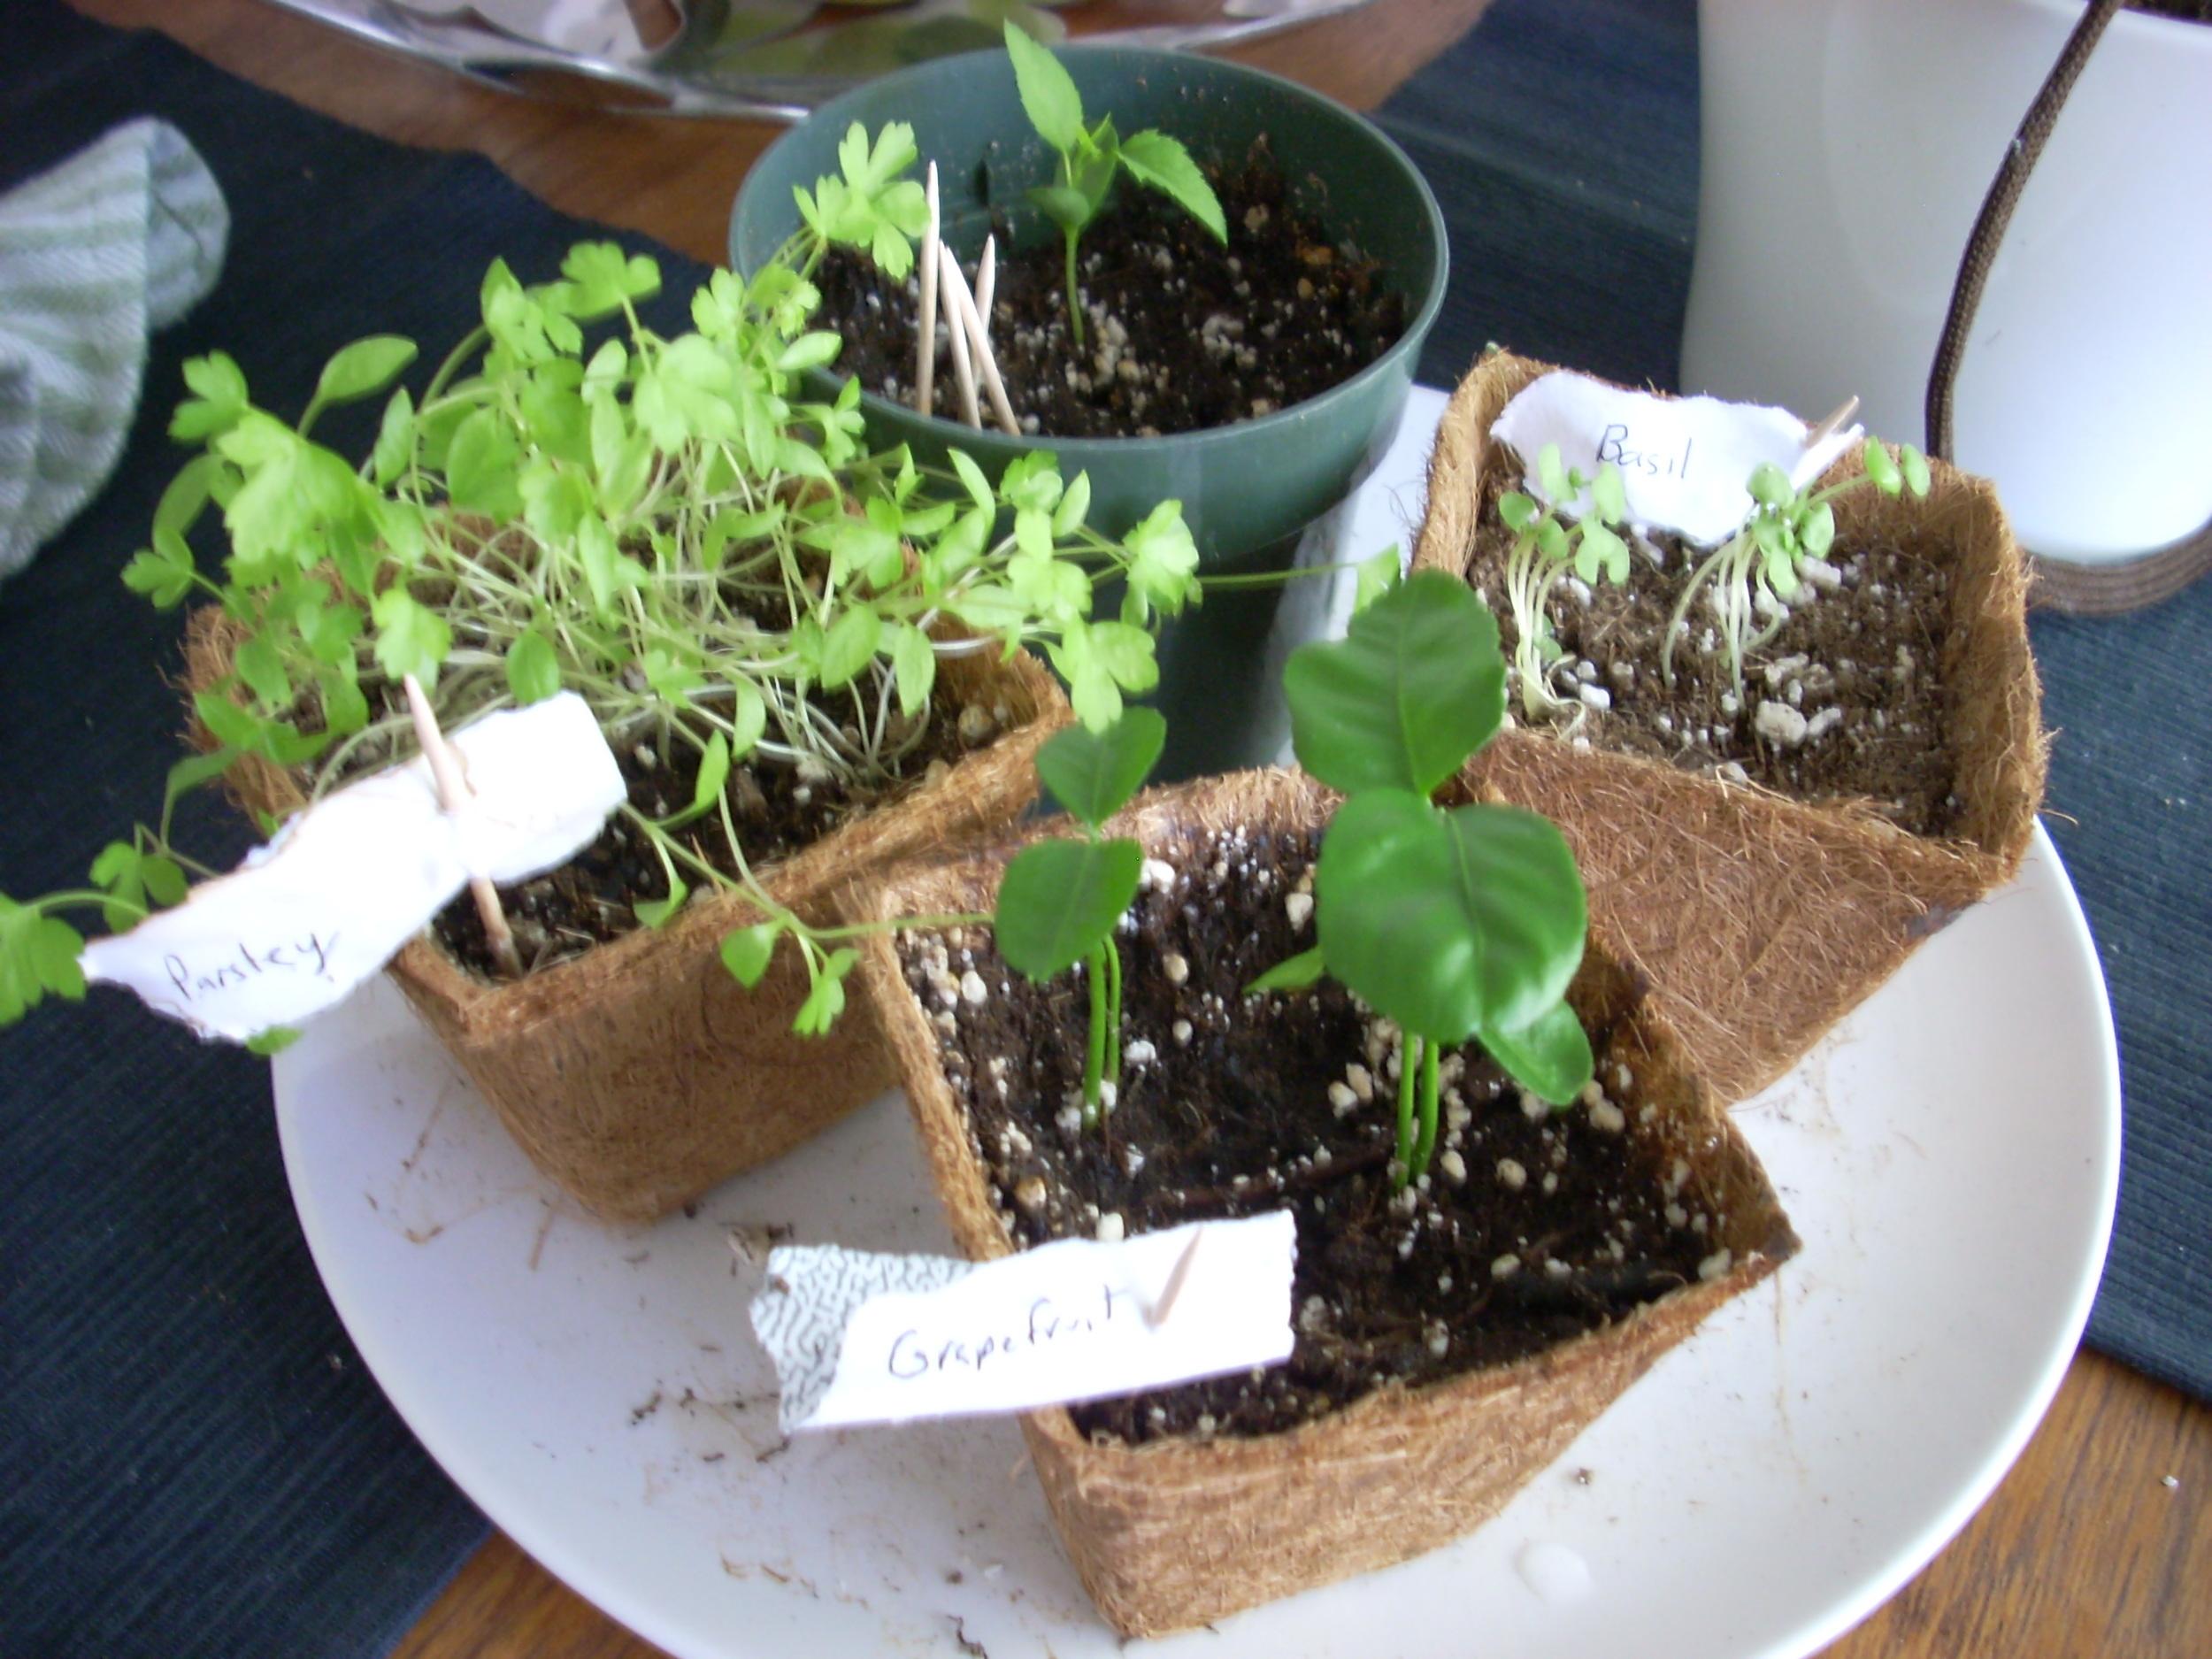 My First Seedlings